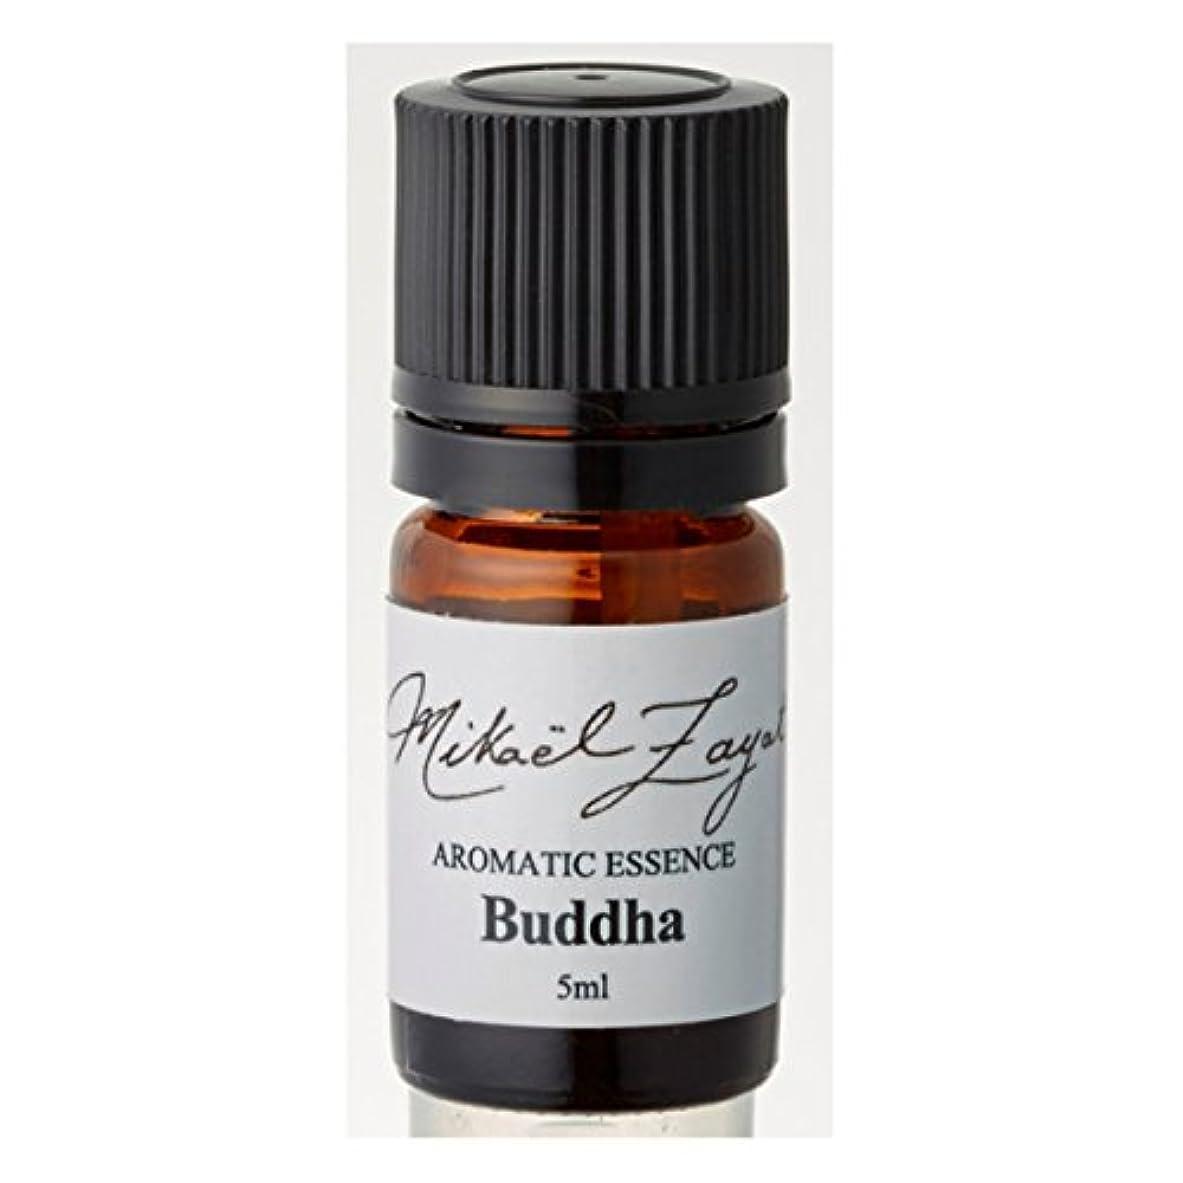 住むリサイクルする原始的なミカエルザヤット ブッダ 5ml Buddha 5ml/ Mikael Zayat hand made blend